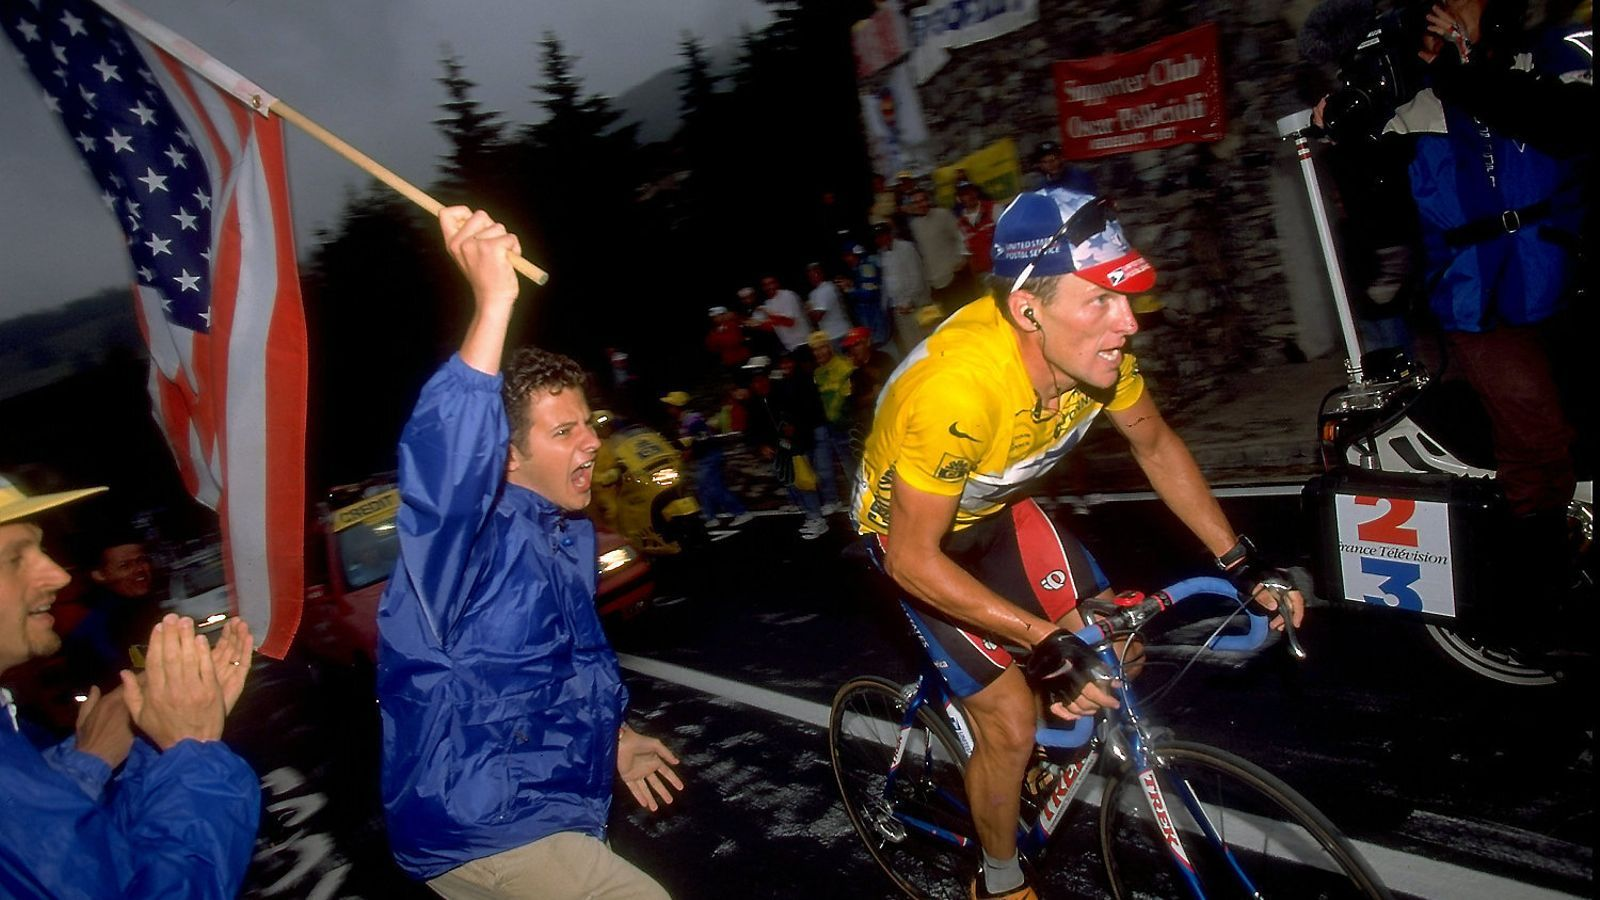 Un heroi devastat per la mentida Lance Armstrong